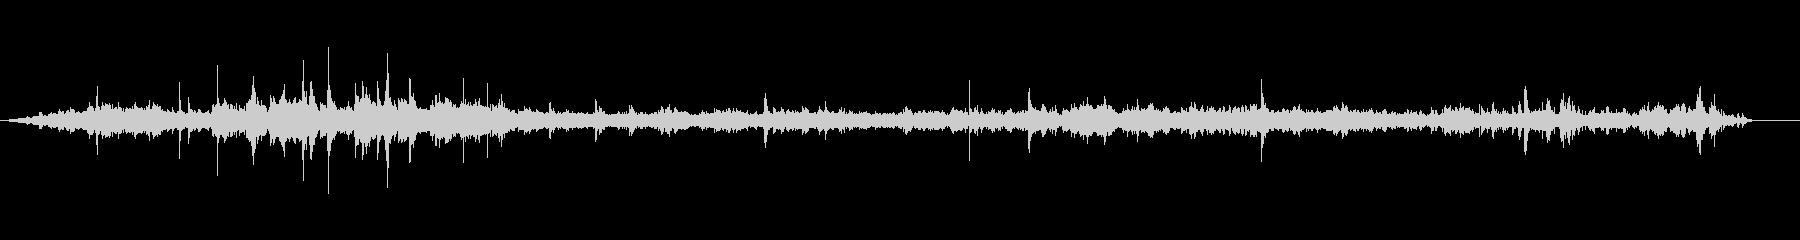 オランダデパート-PAの未再生の波形